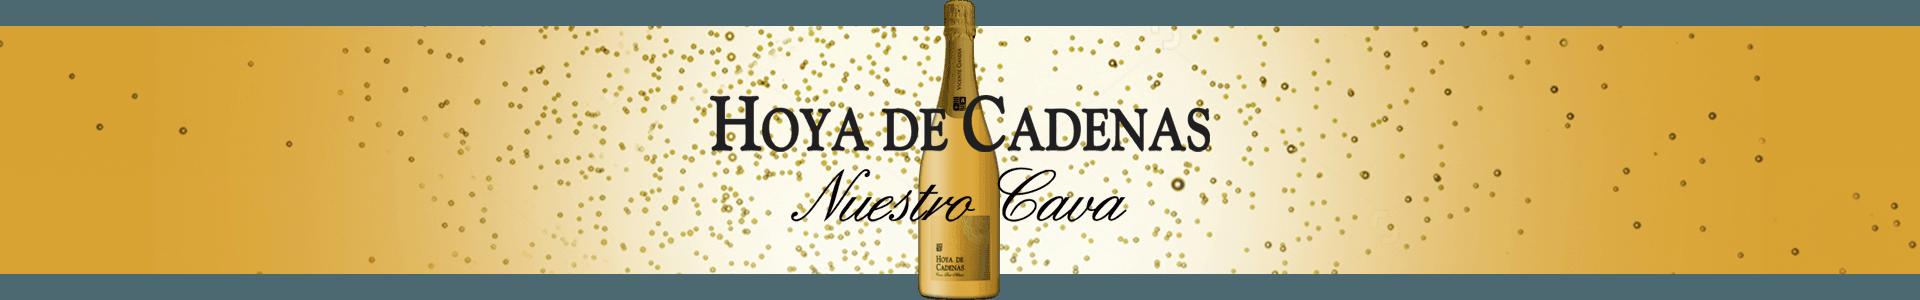 Hoya de Cadenas Cava Brut Nature